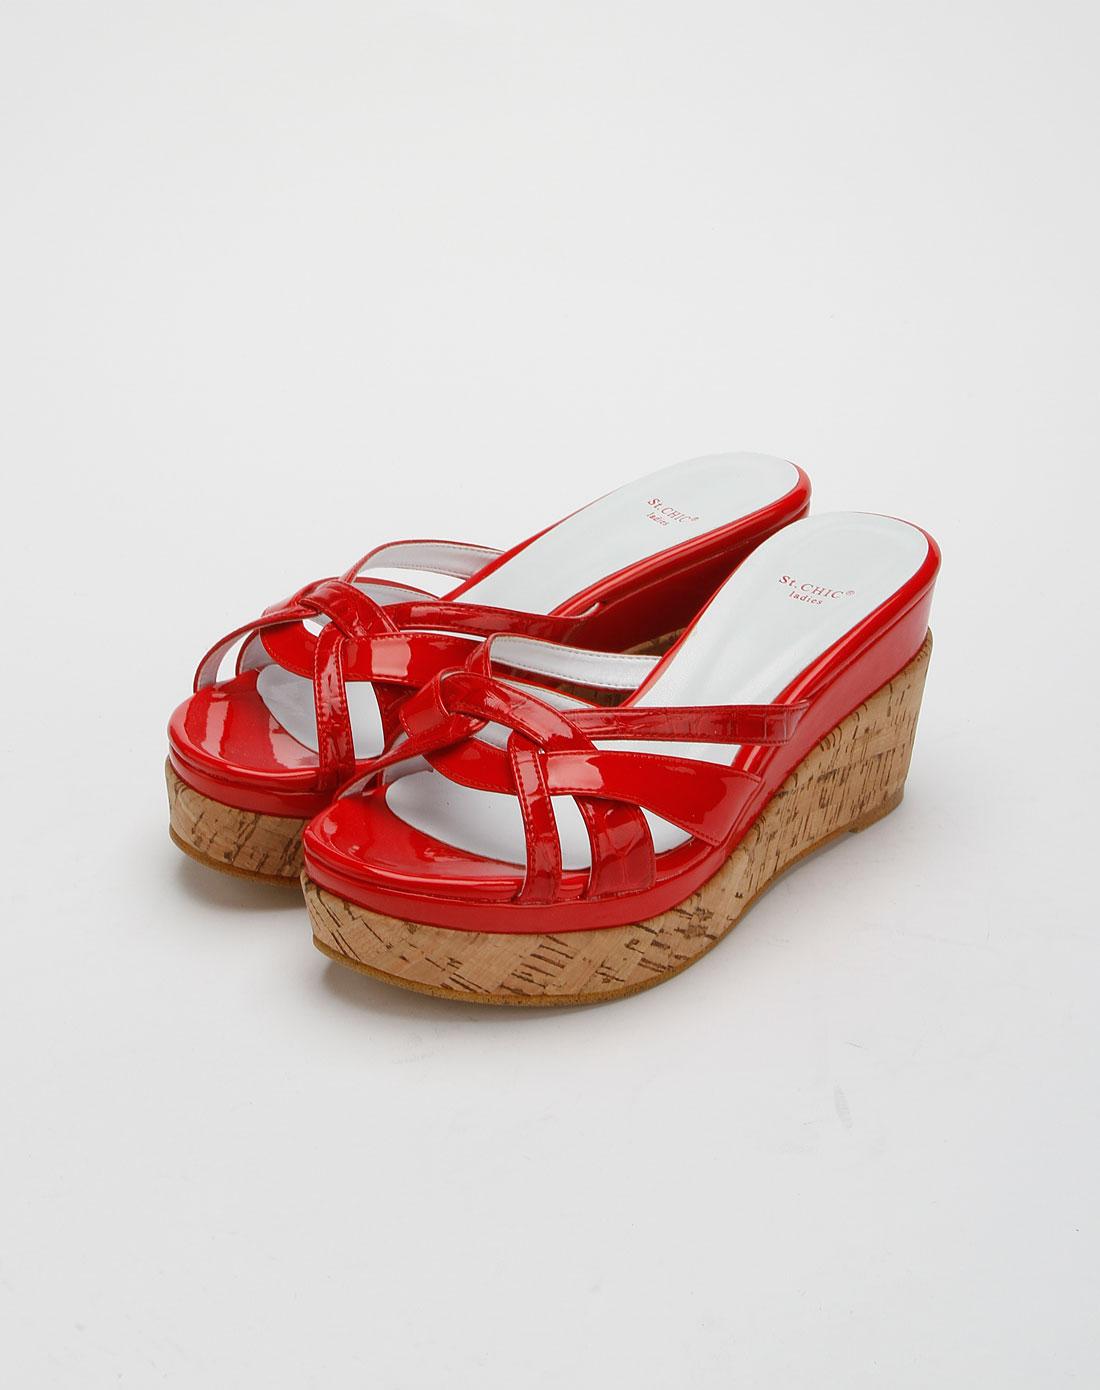 chic女款红色时尚高跟拖鞋